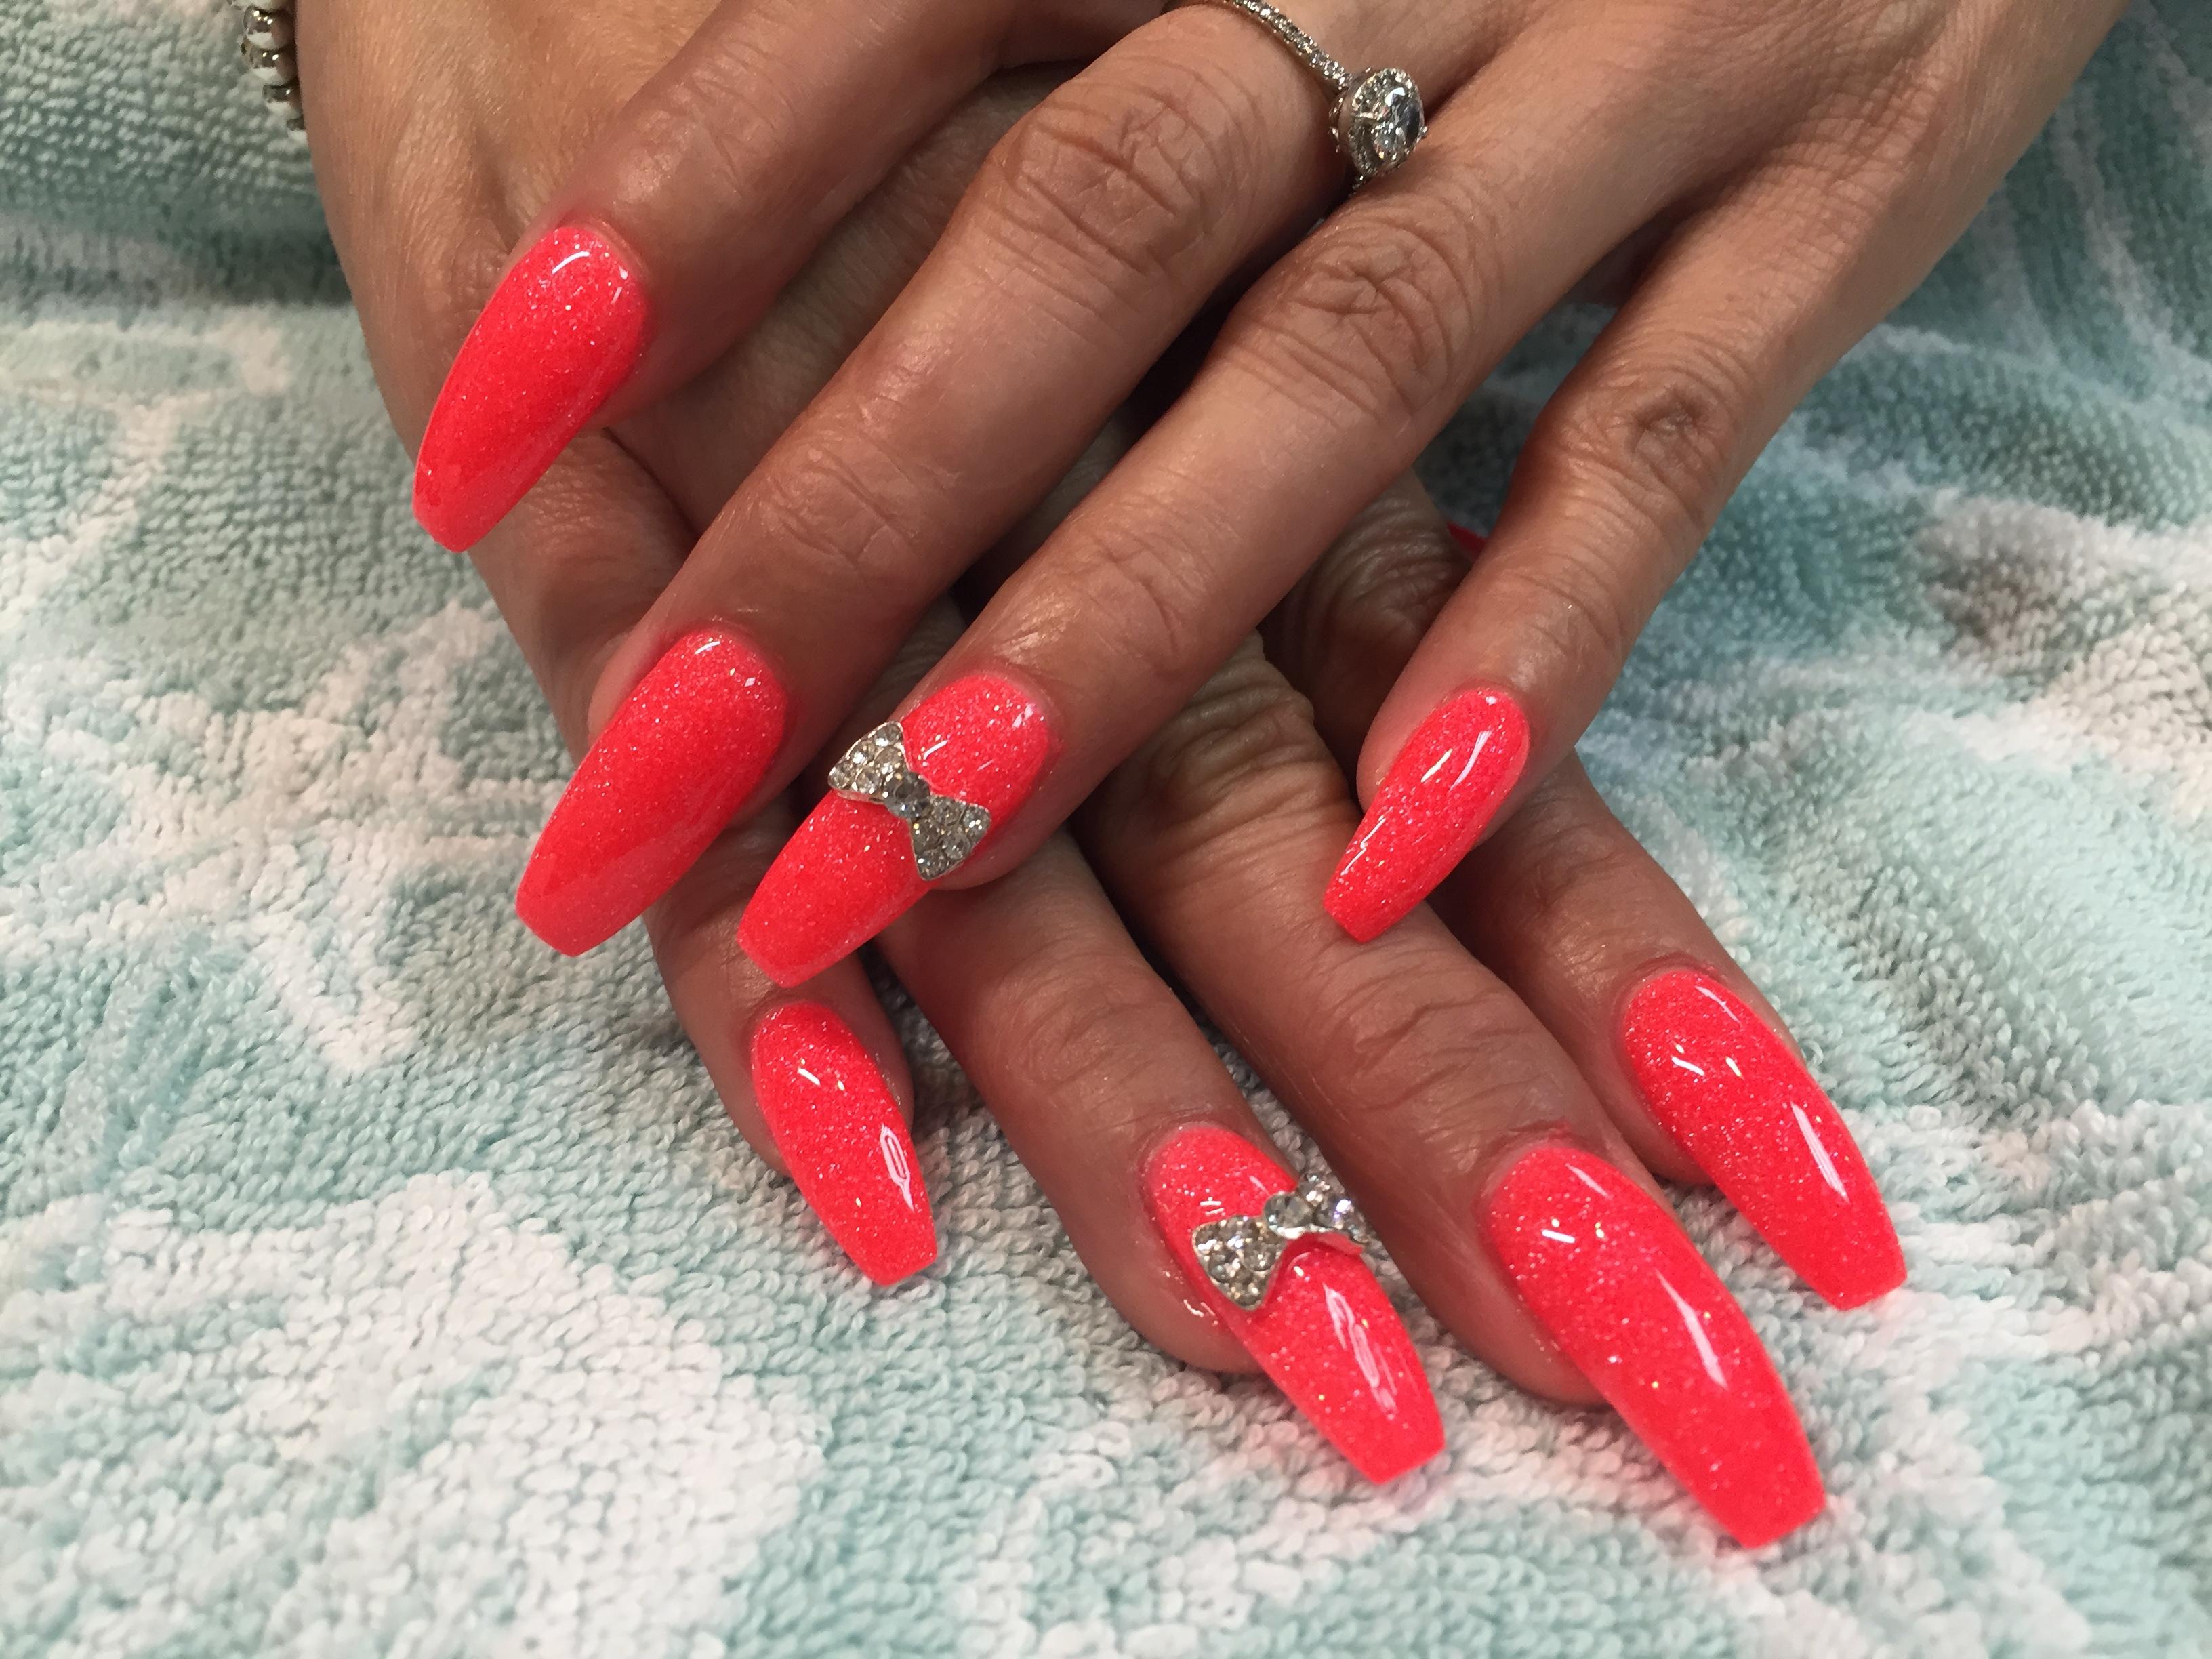 Psl Pro Nails Salon 8487 S US-1, Port St Lucie, FL 34952 - YP.com